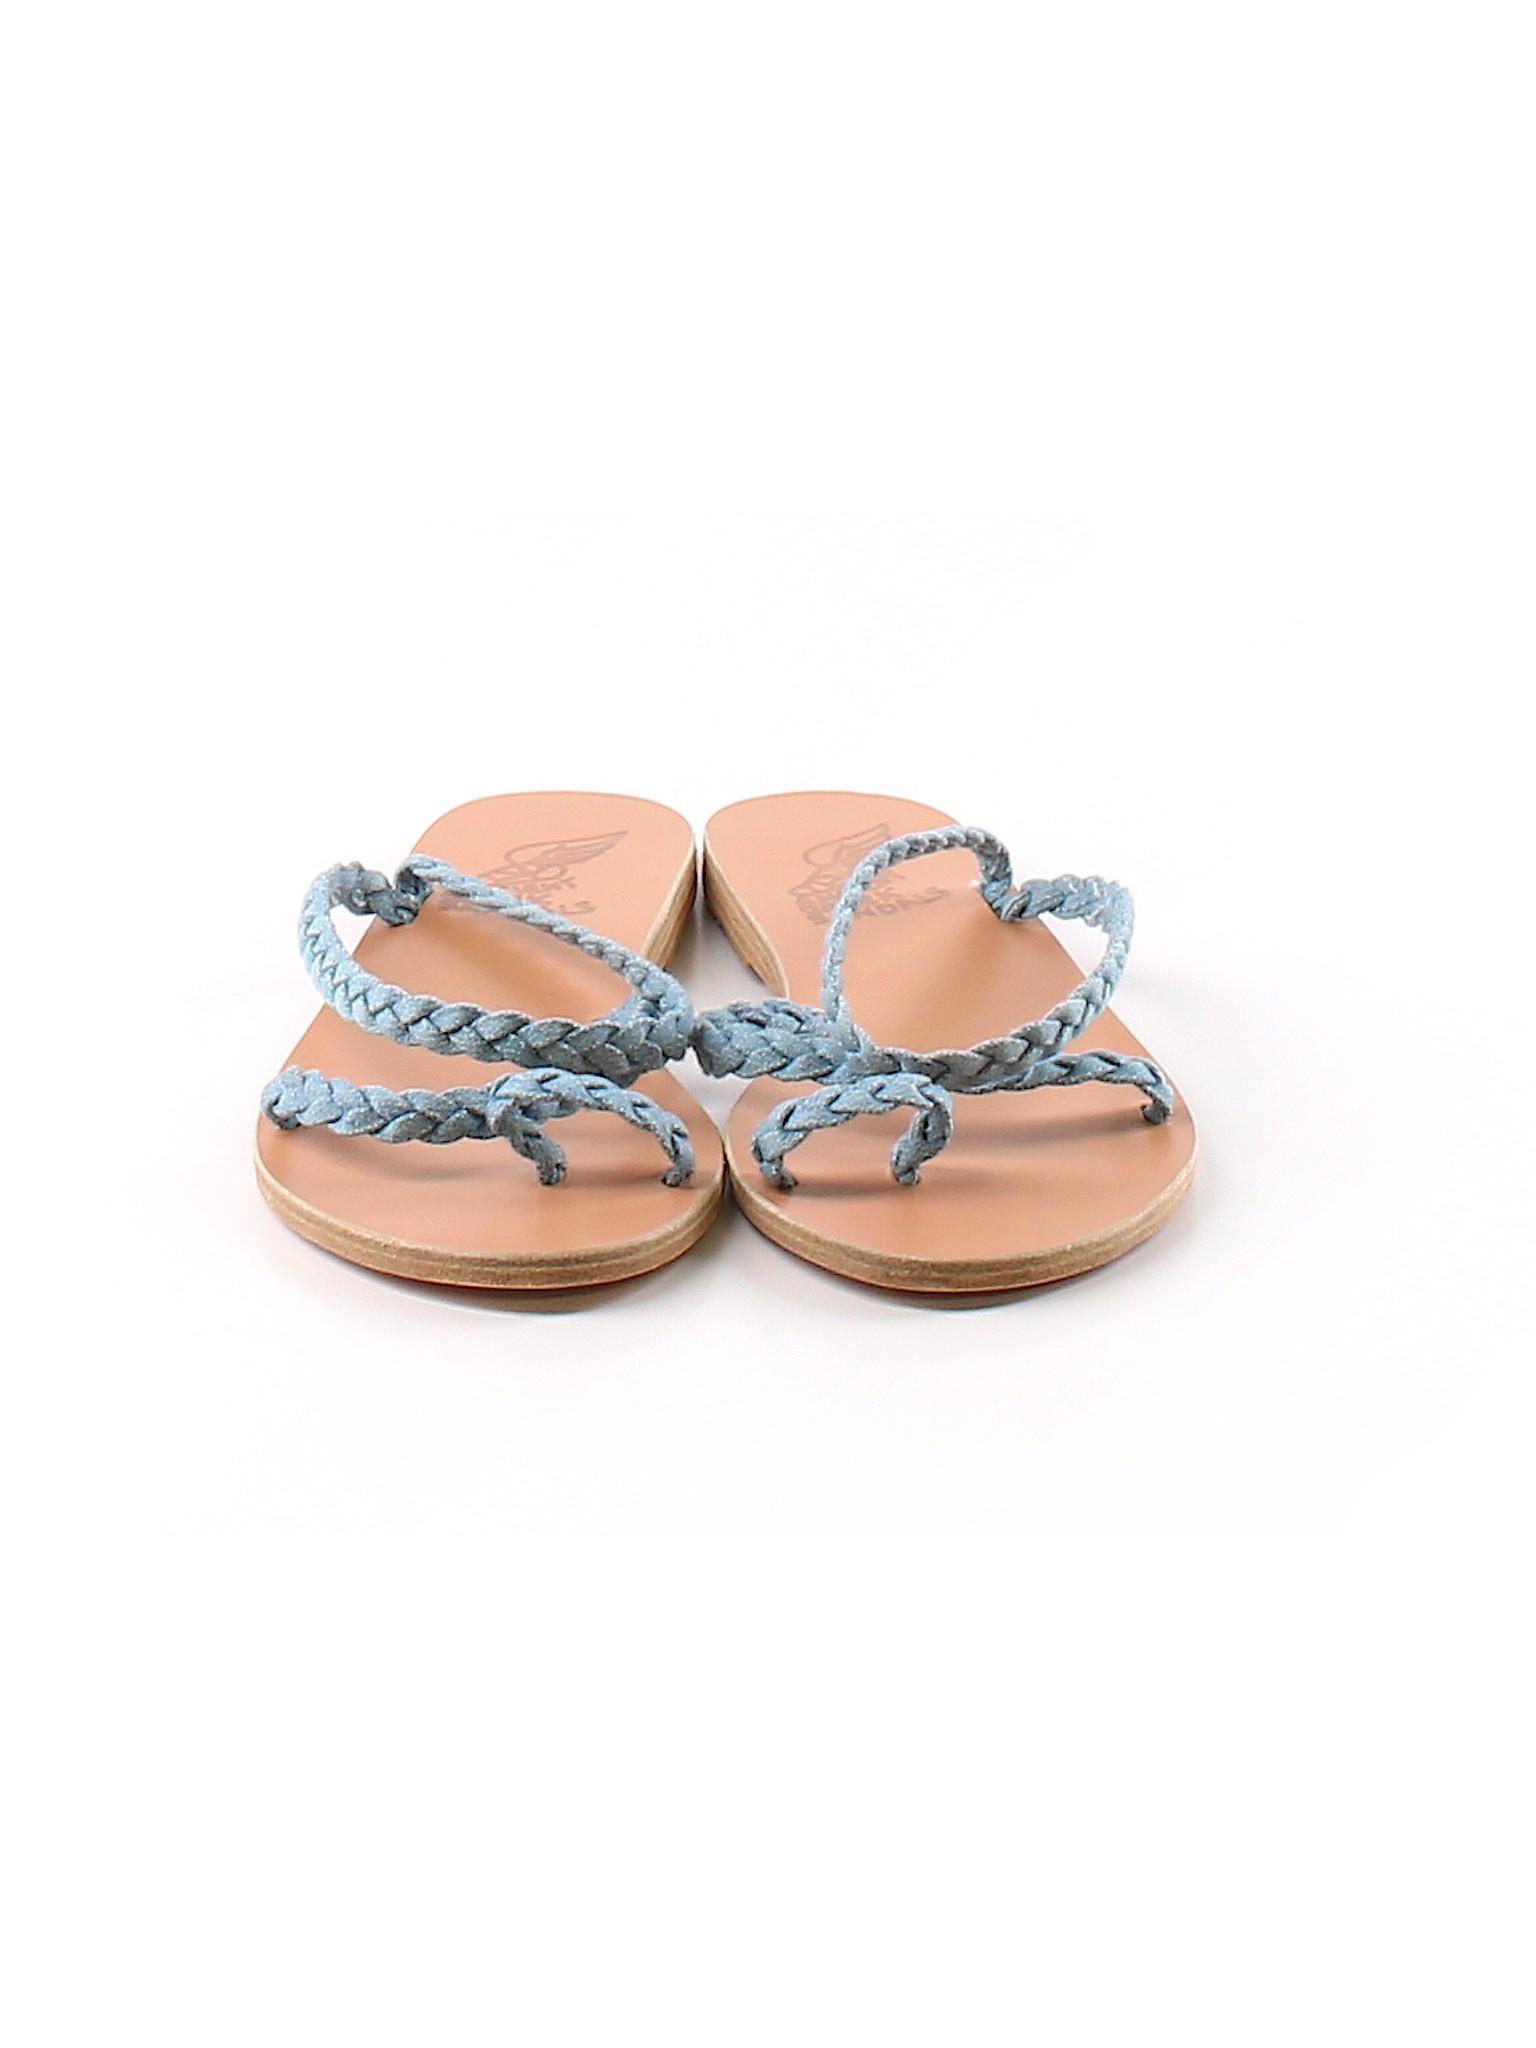 promotion Sandals Boutique Ancient Greek Sandals Yxfqd